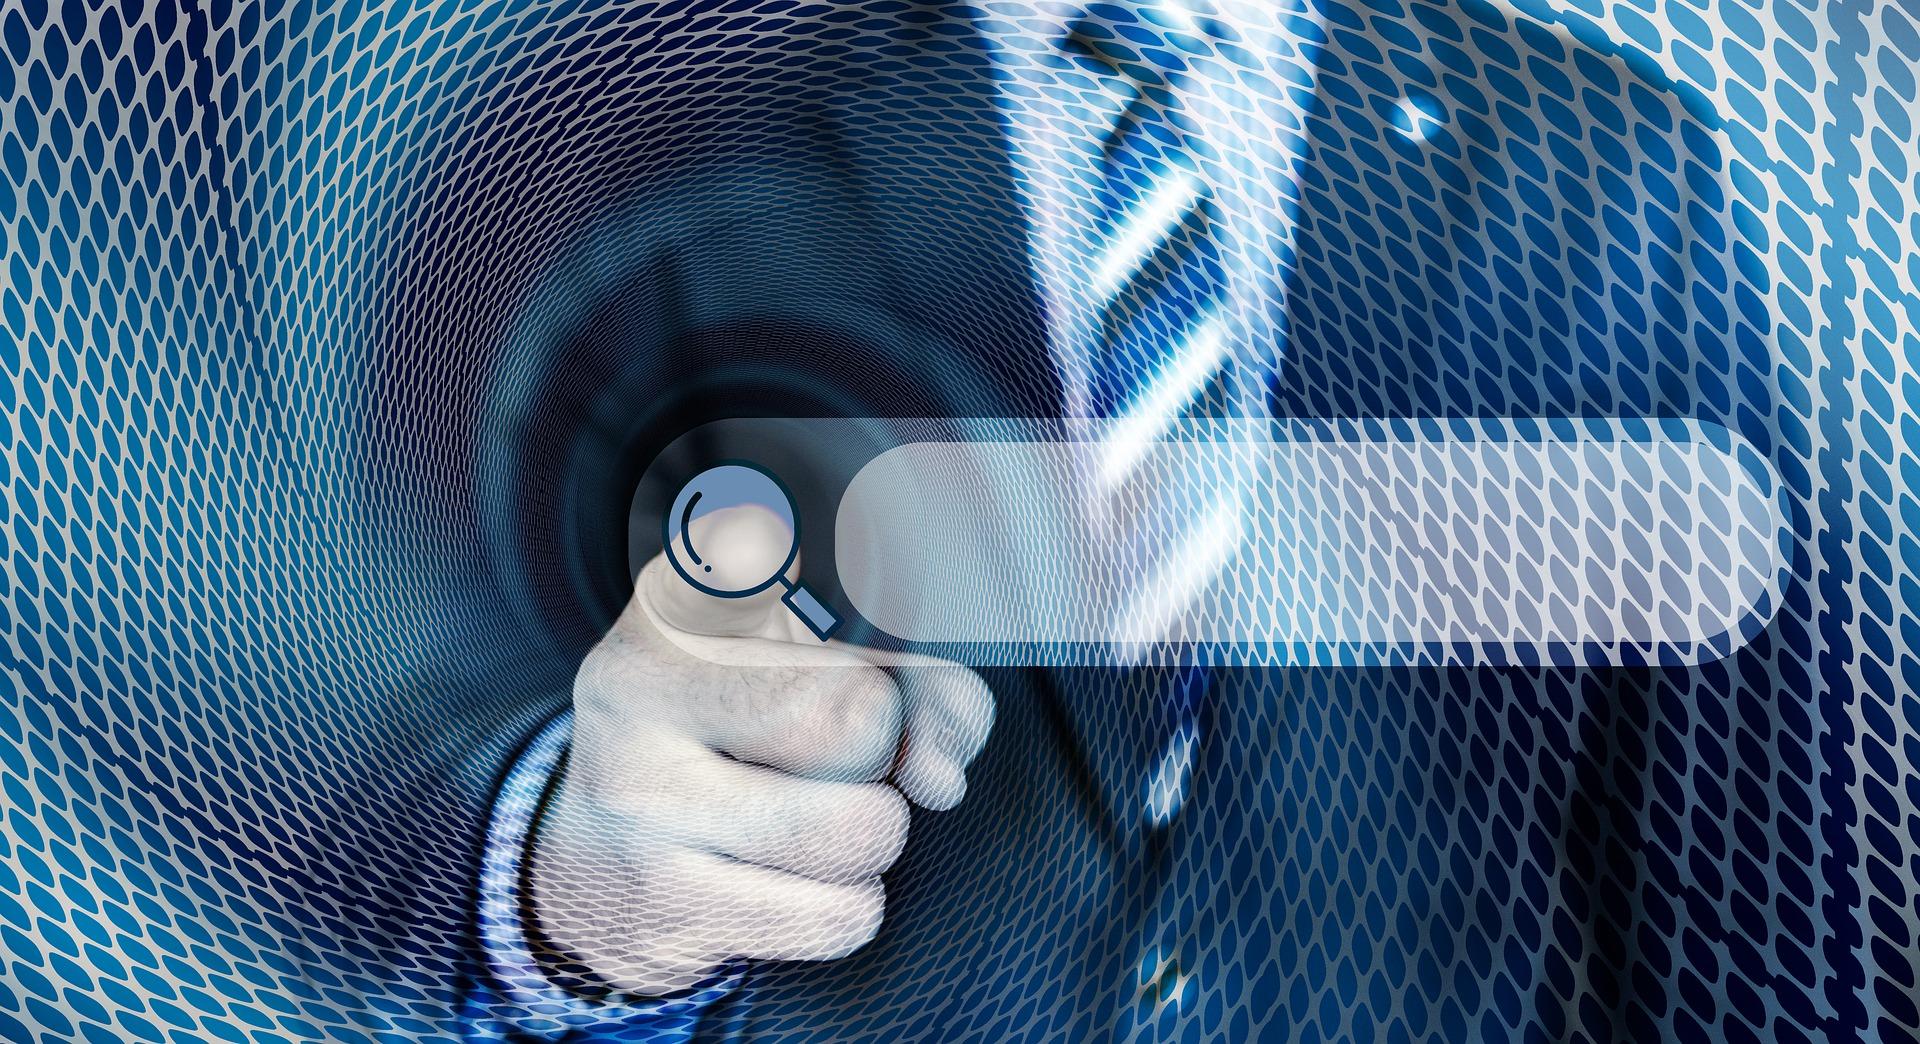 Comment connaître le numéro de TVA intracommunautaire d'une entreprise ?